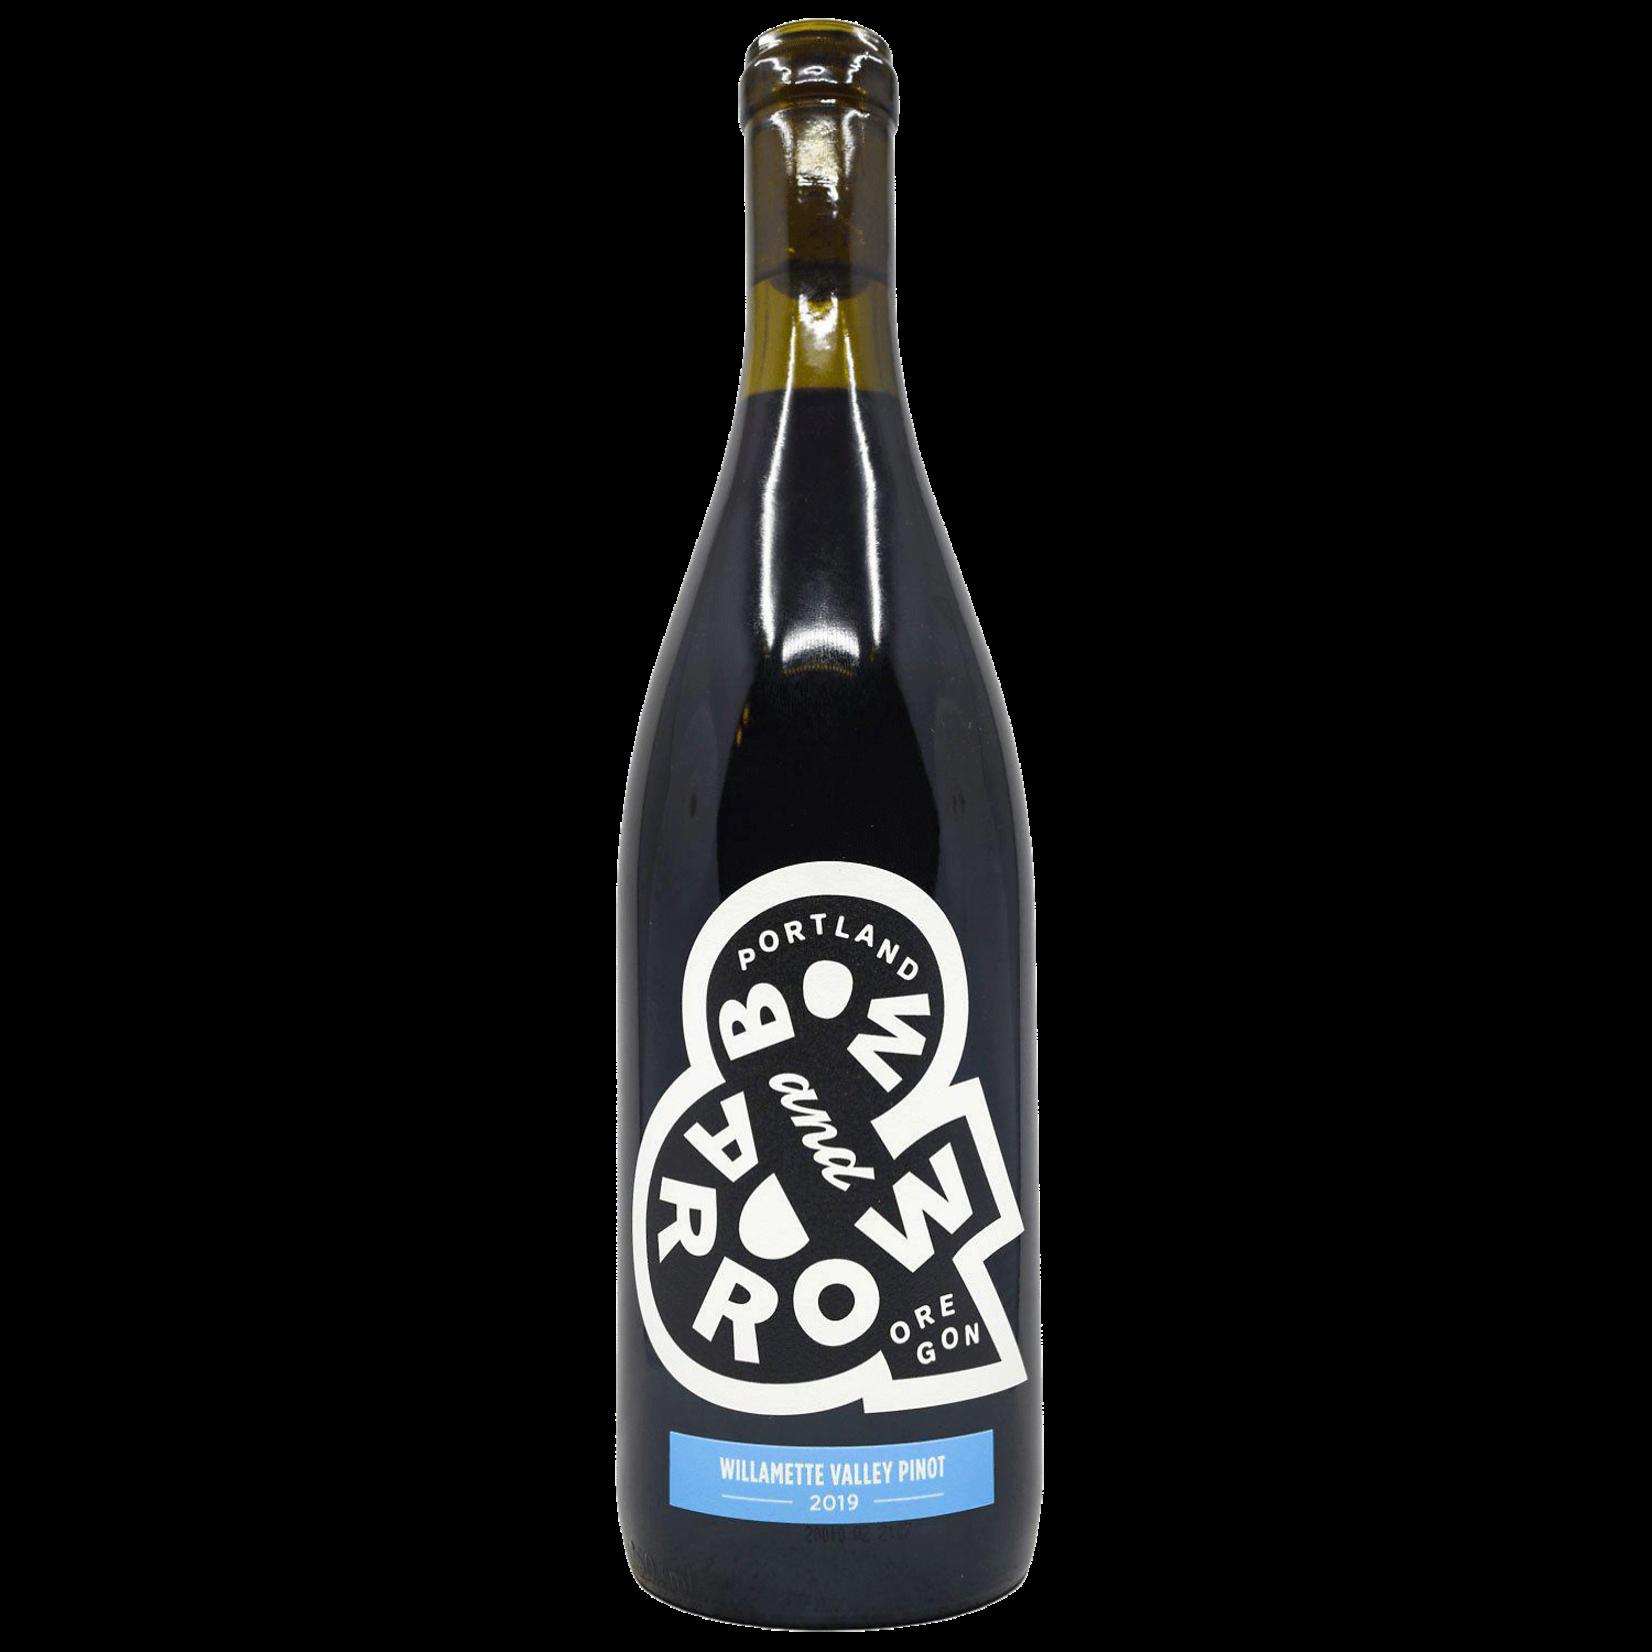 Wine Bow & Arrow Willamette Valley Pinot Noir 2019